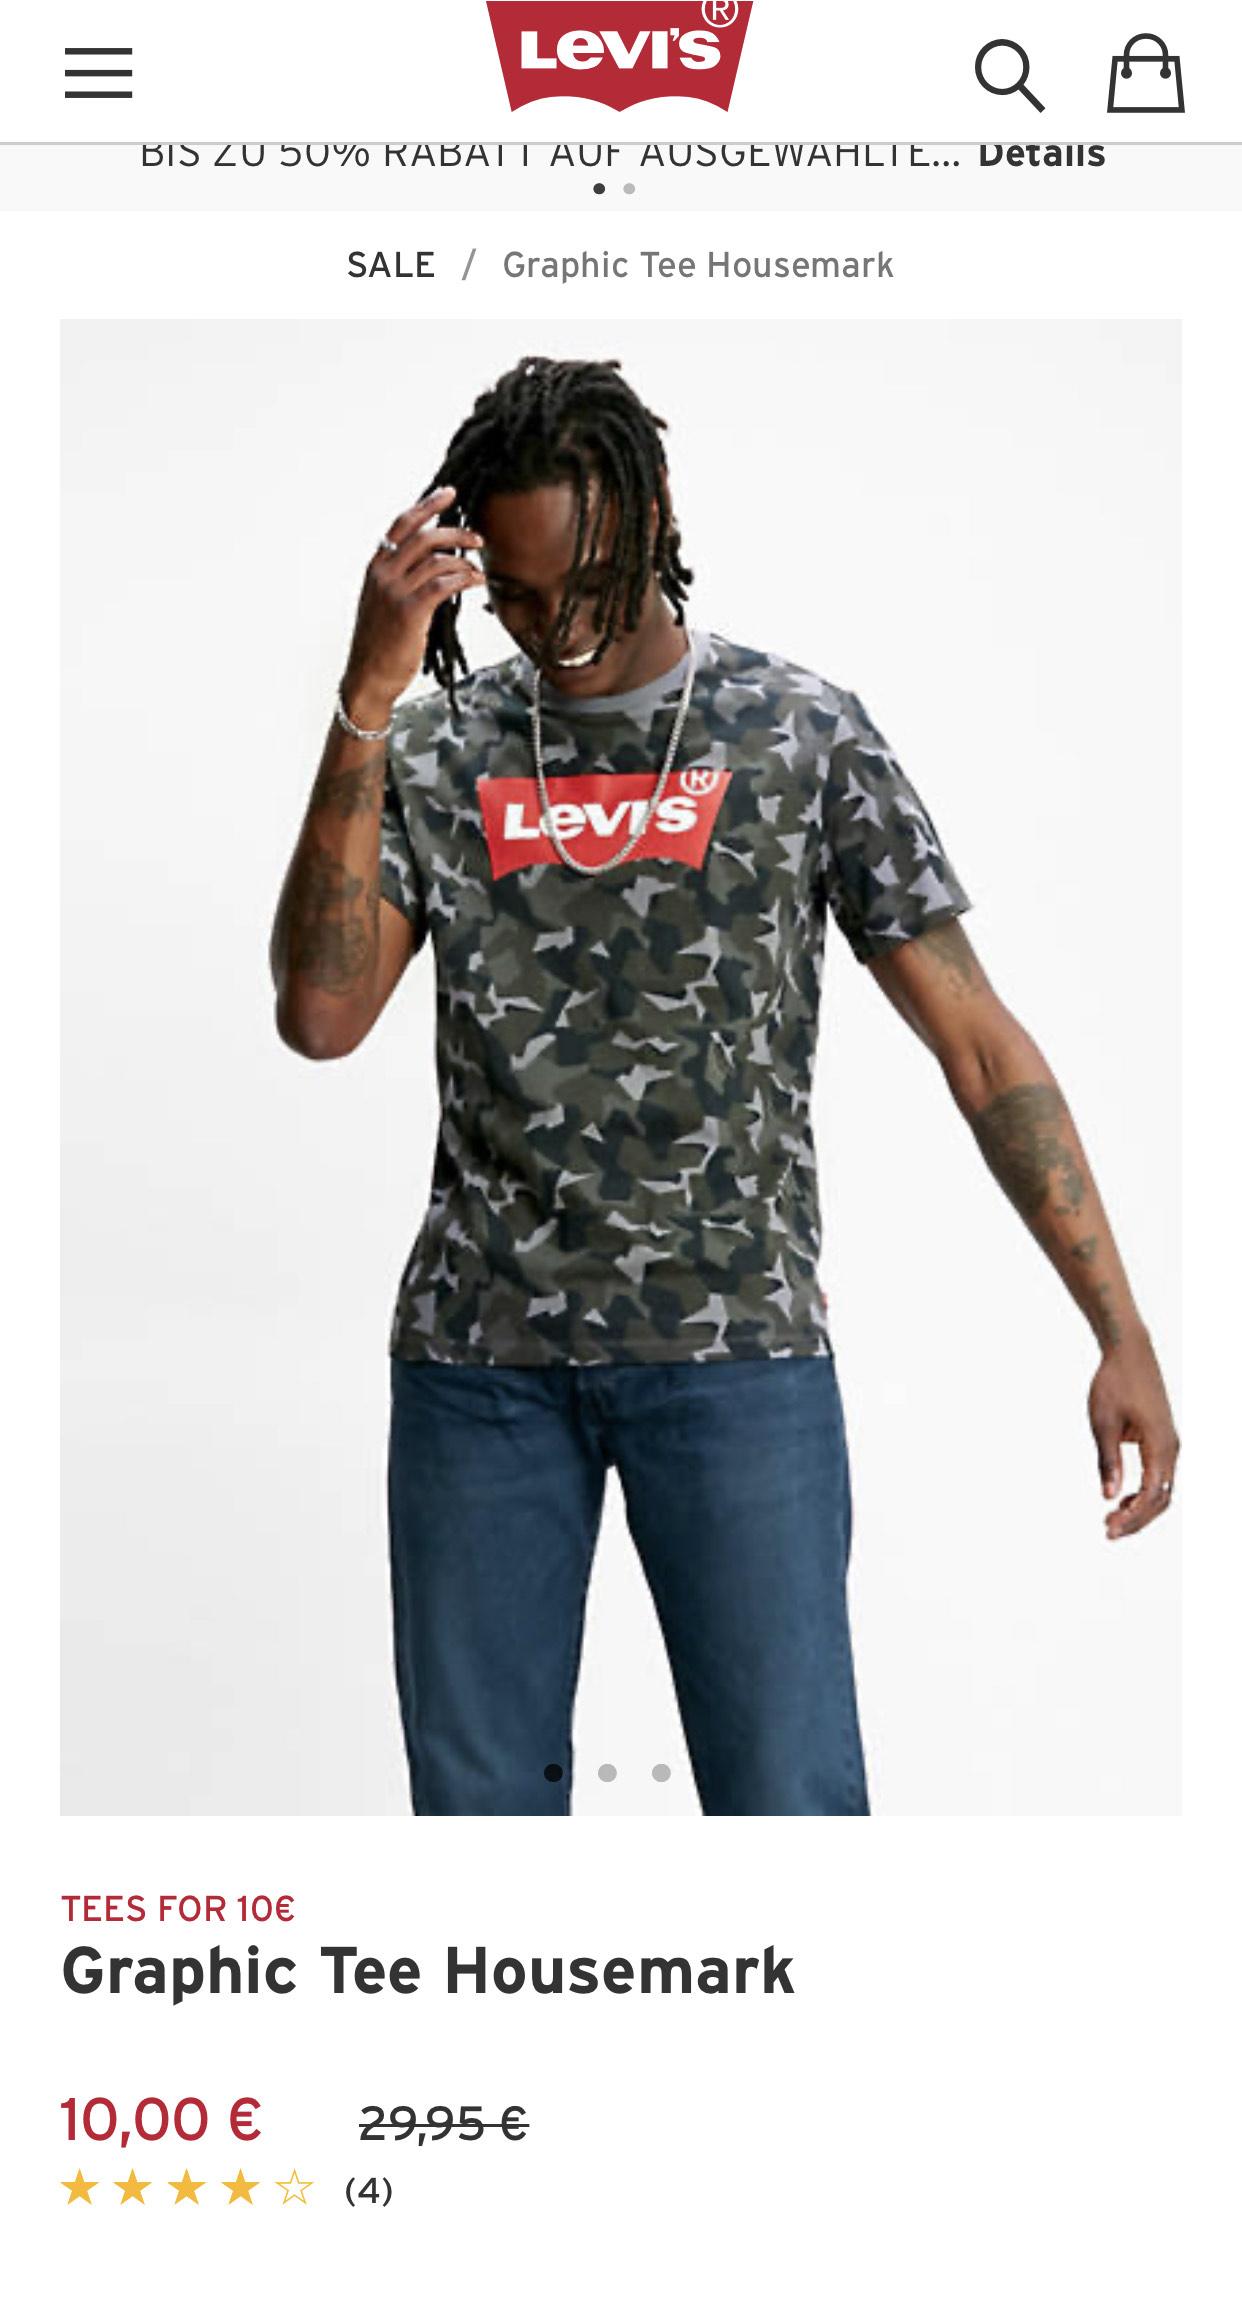 Ausgewählte Levi's Shirts für 10€ (nur heute)